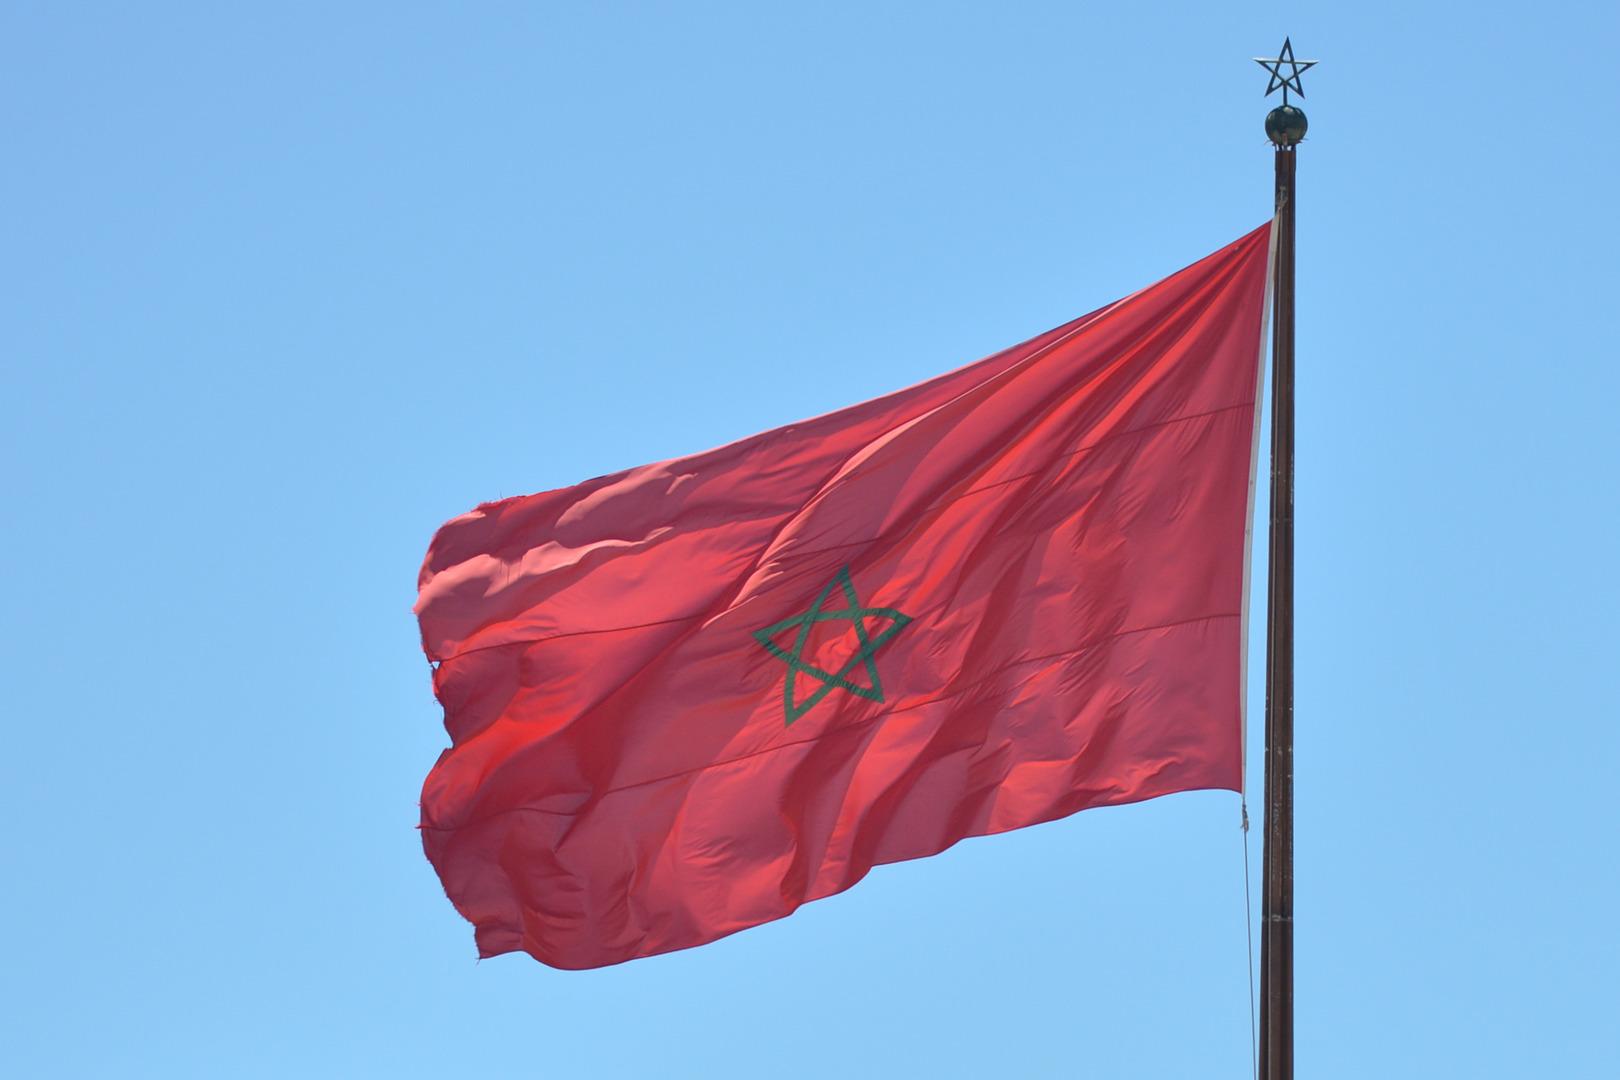 الشرطة المغربية توقف شابا تحرش بفتاة في الطريق العام (فيديو)